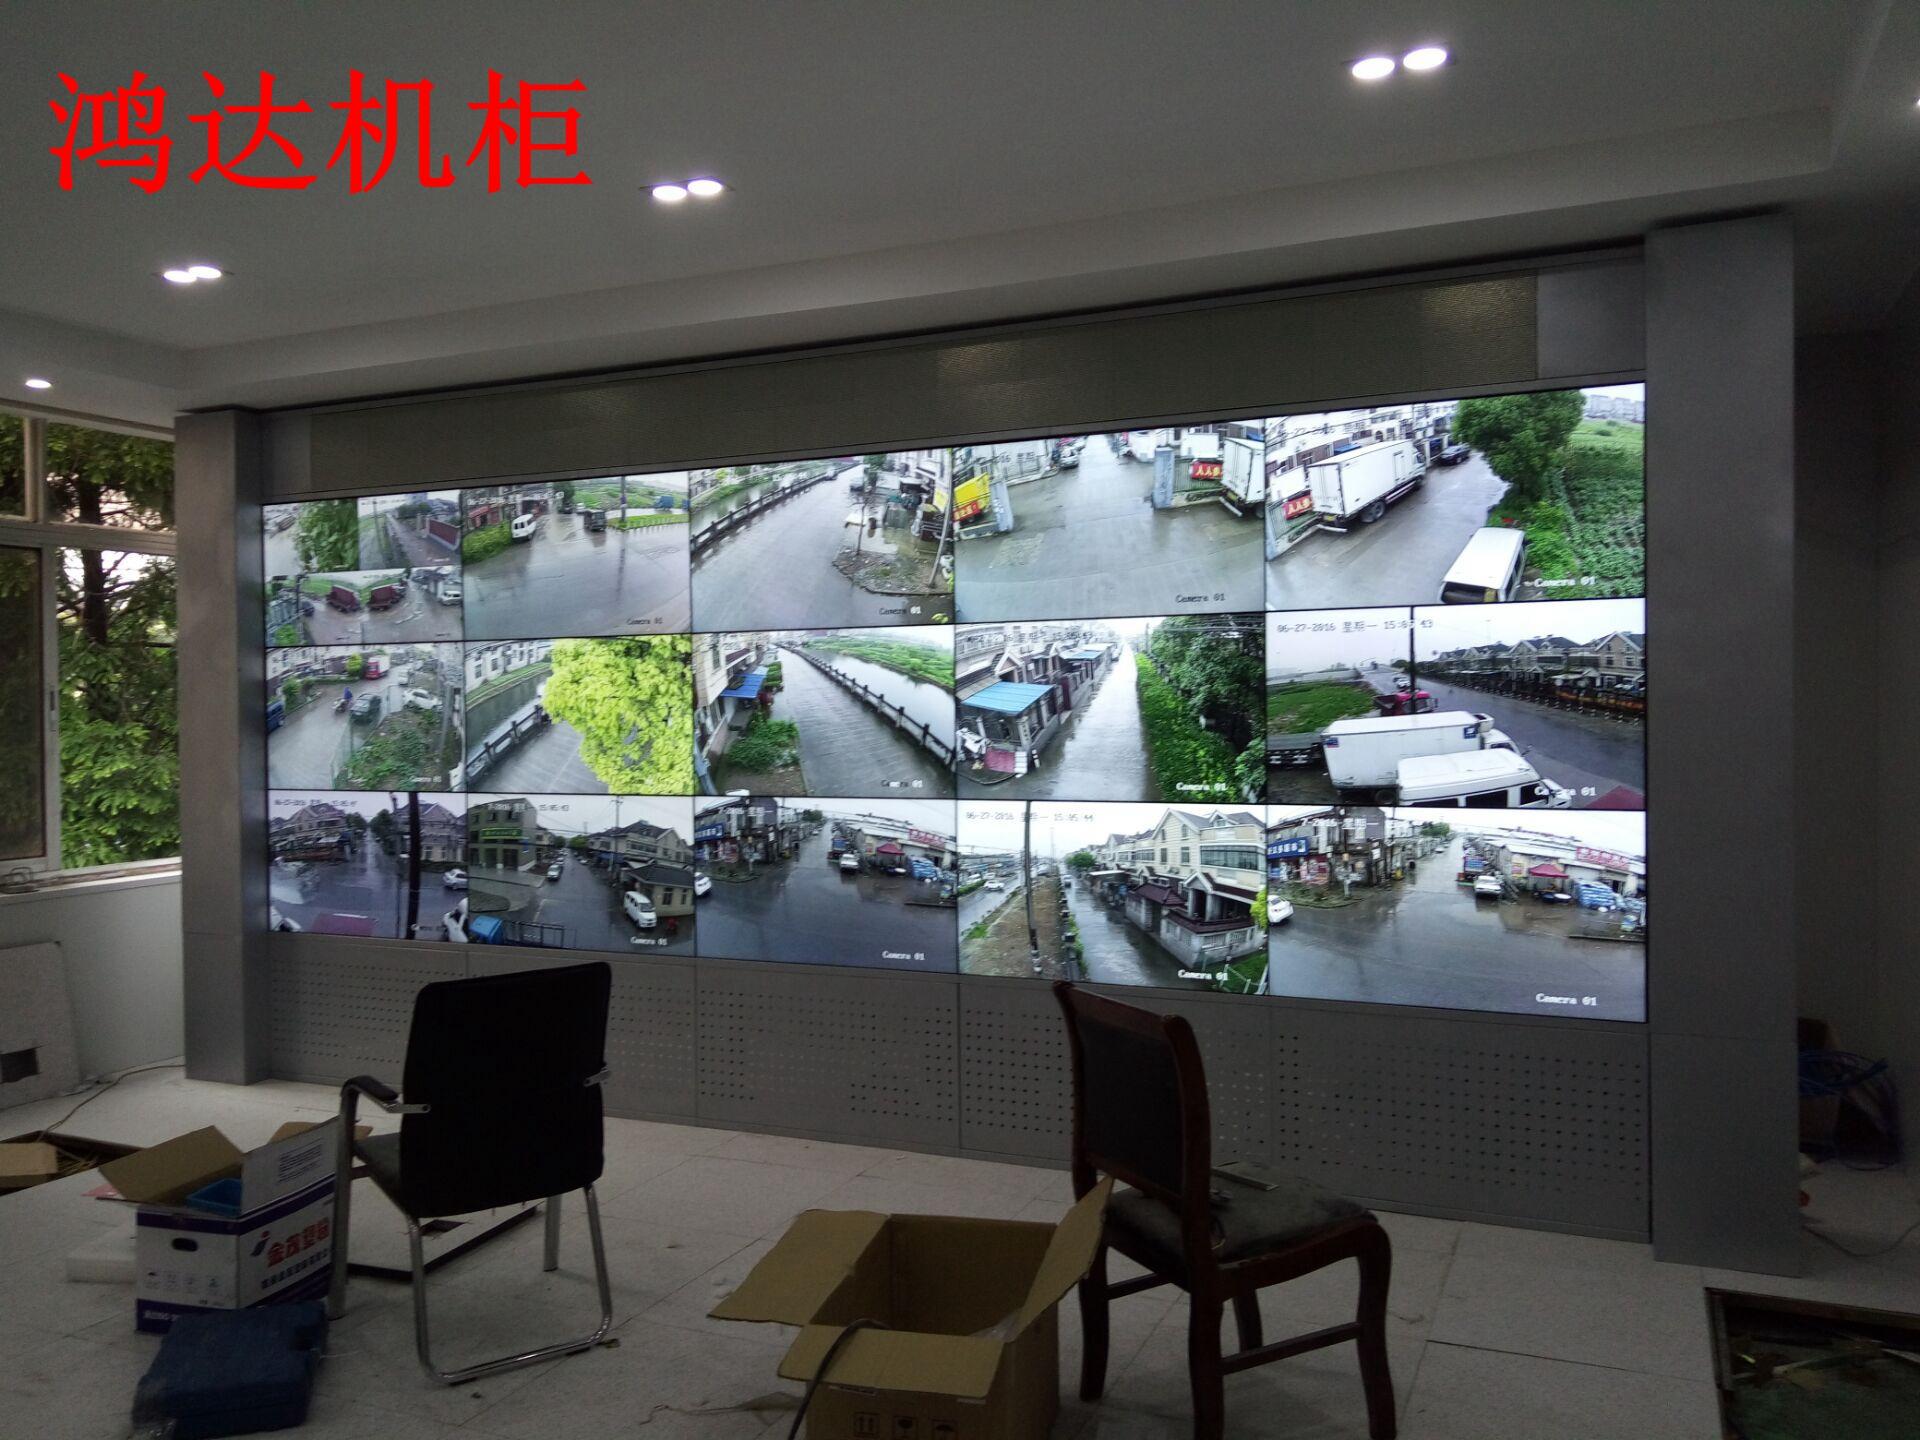 Настраиваемый экран для скрининга настенного шкафа для телевизора Haikang Dahua 46-дюймовый настенный кронштейн для монтажа на открытом воздухе 13 баллов увеличить билет